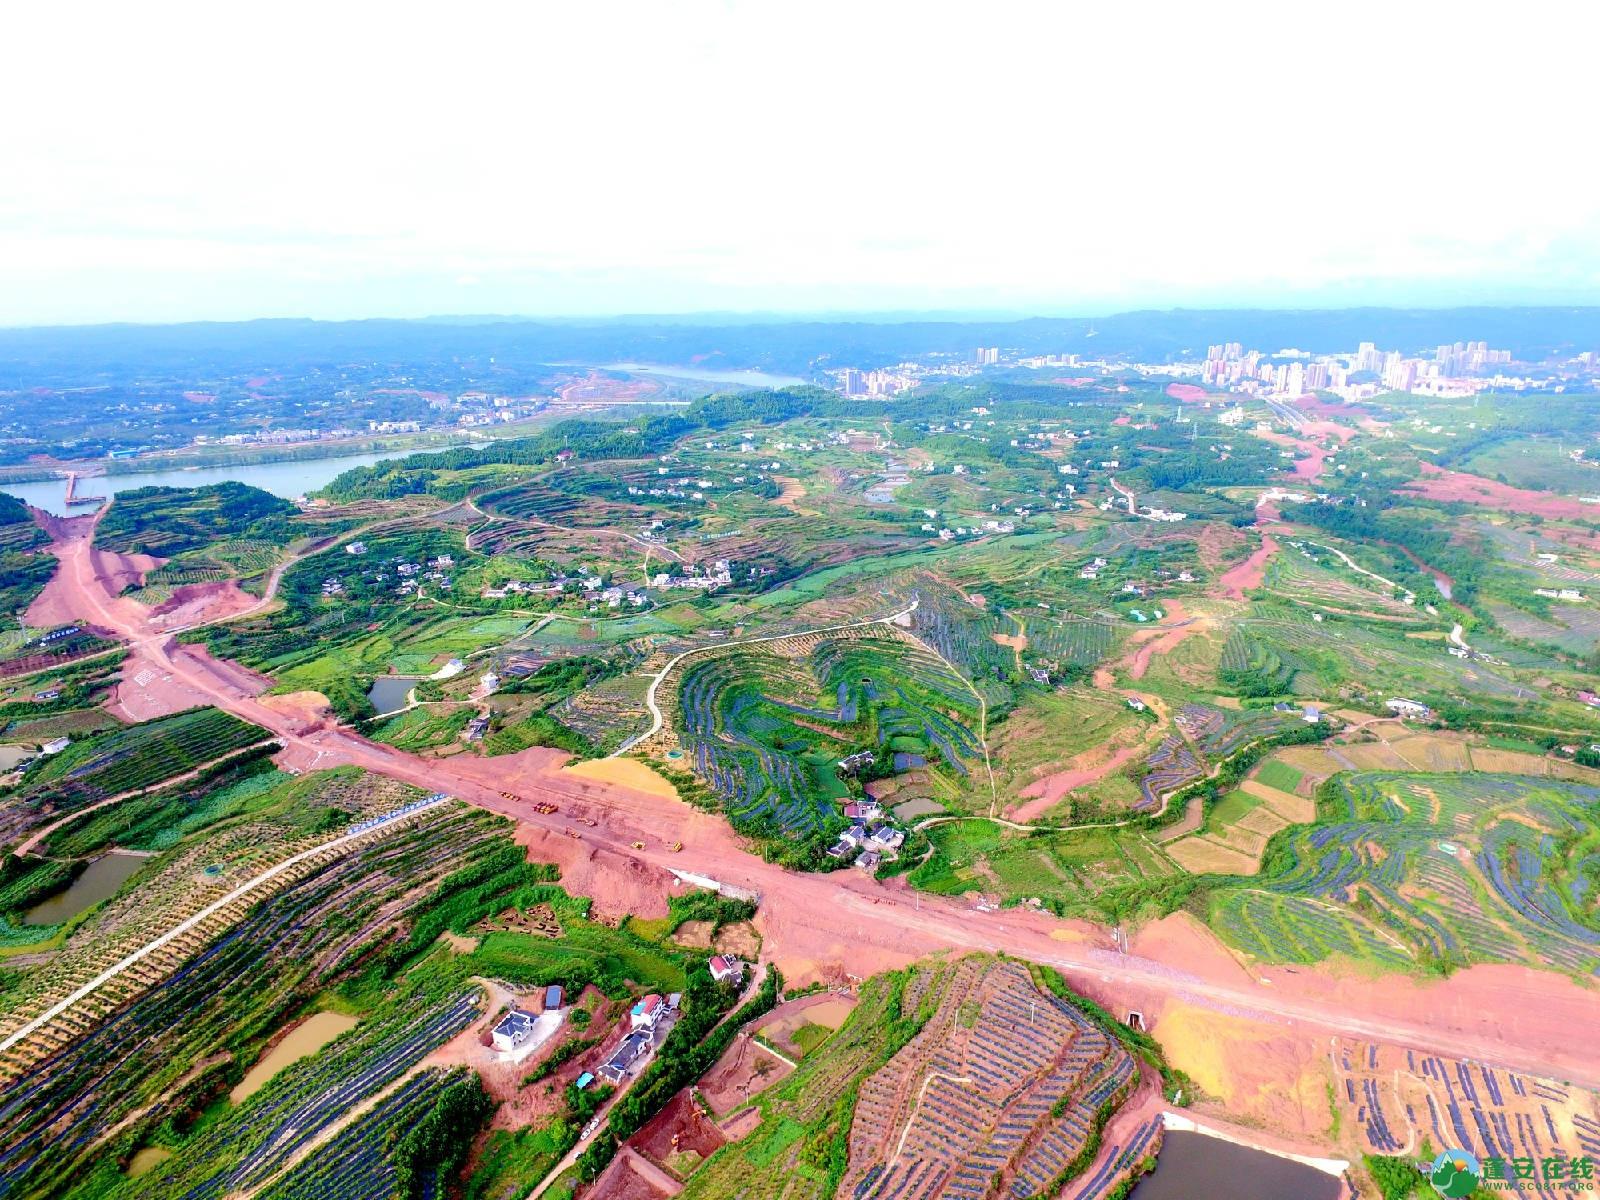 顺蓬营一级公路蓬安段、青云大道二期道路最新进展(2019.8.29) - 第10张  | 蓬安在线